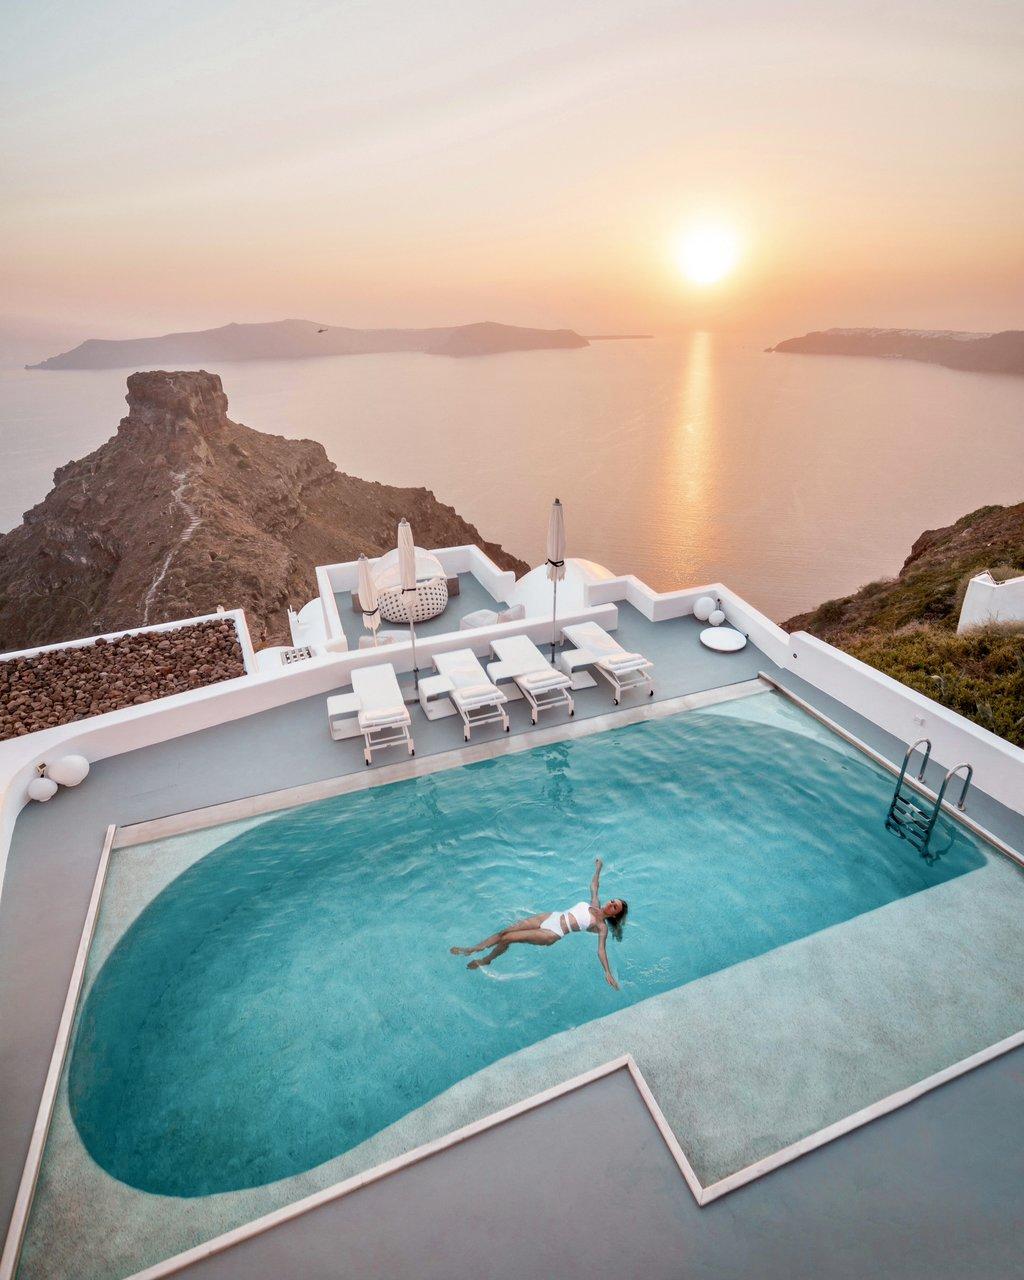 Santorini.jpg?1622631761